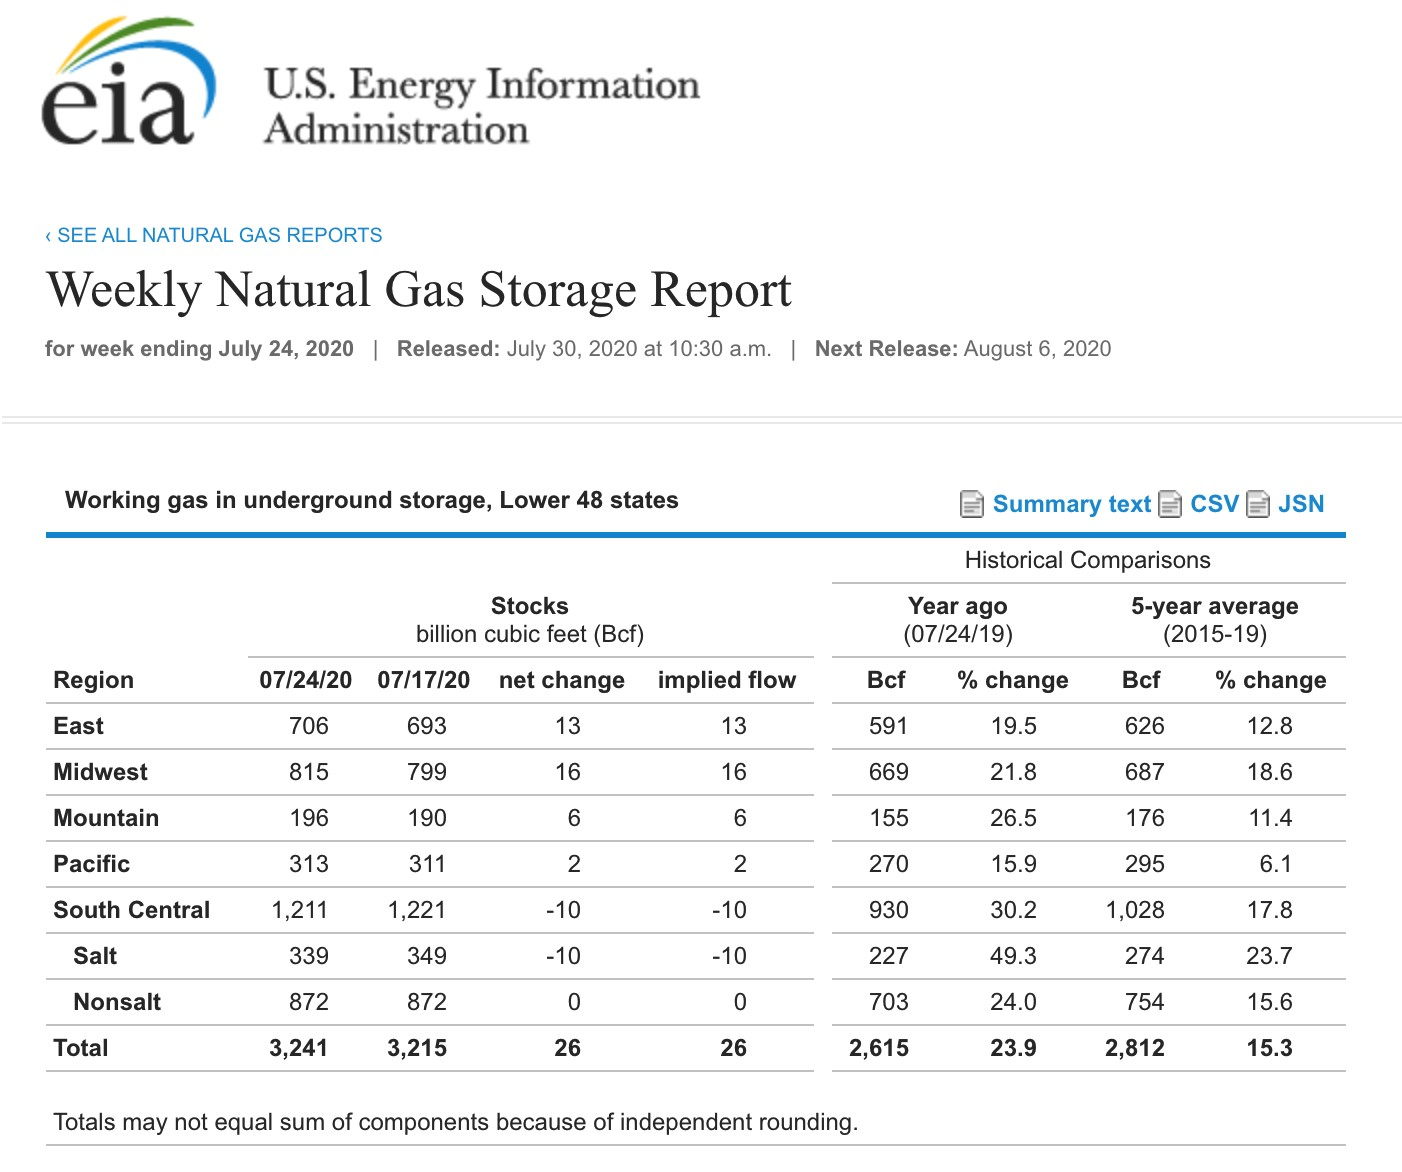 साप्ताहिक प्राकृतिक गैस भंडारण रिपोर्ट